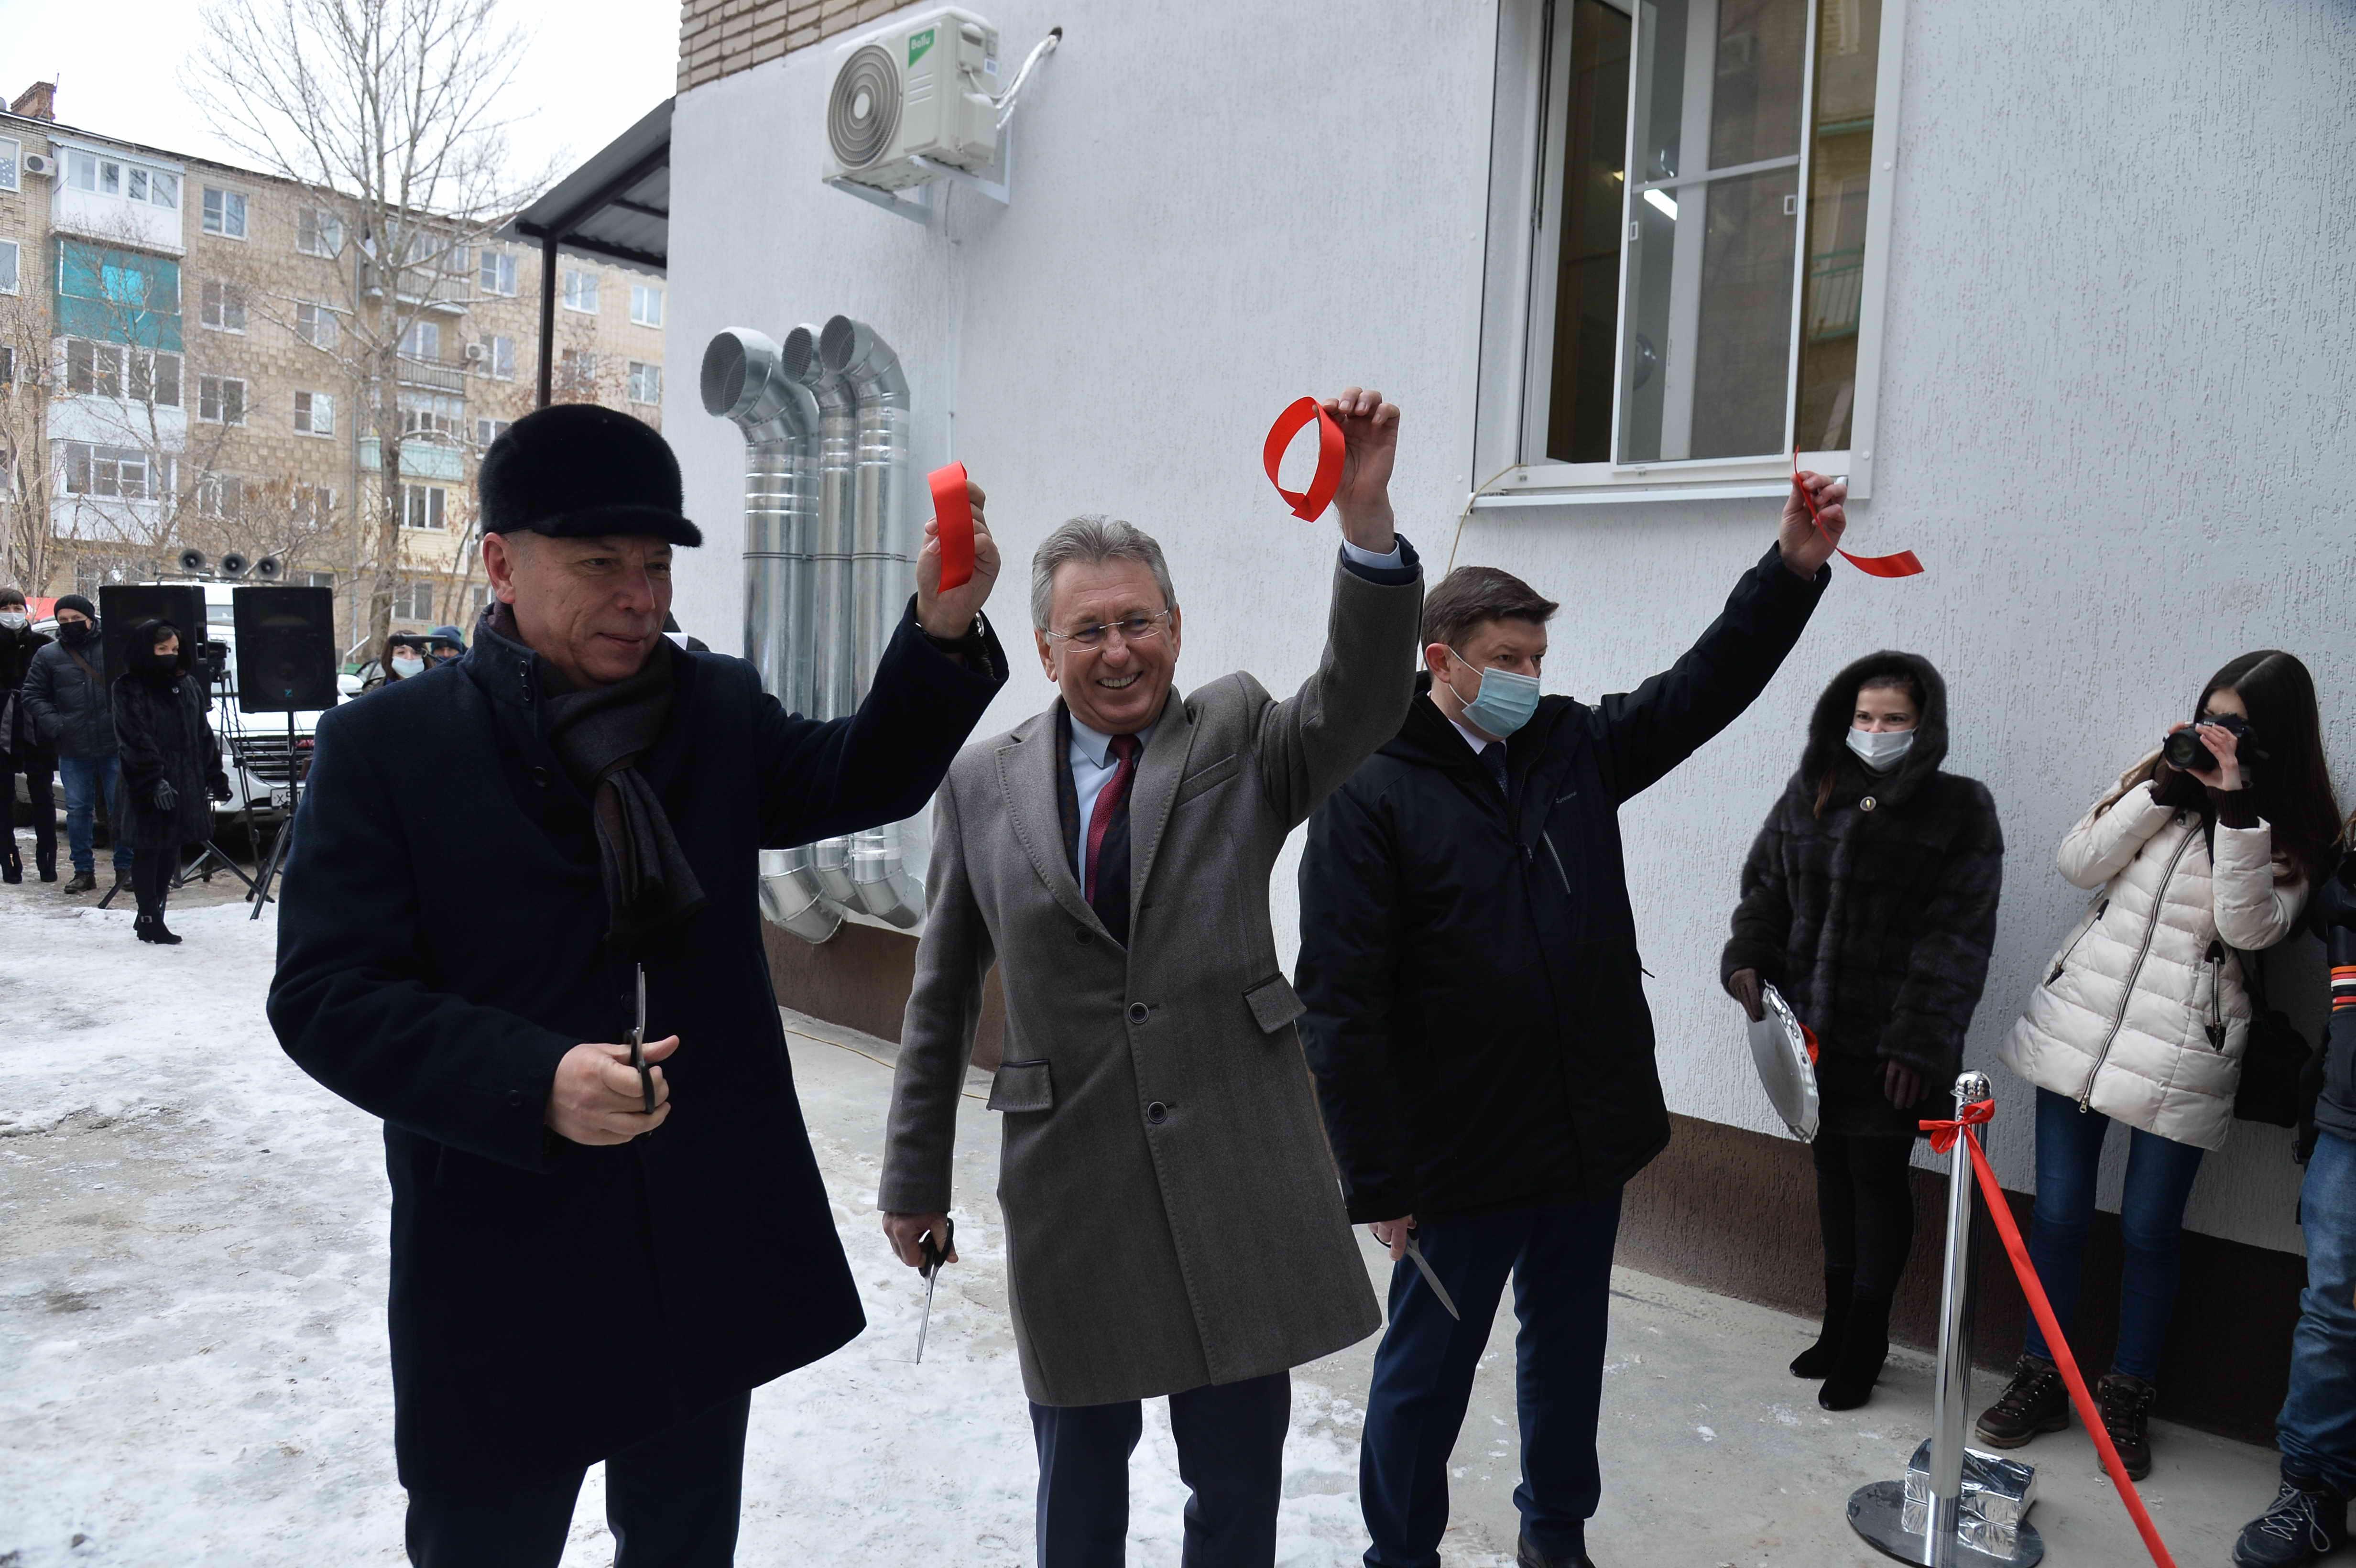 Ростовская АЭС: В Волгодонске открыта новая ПЦР-лаборатория для диагностики коронавирусной инфекции